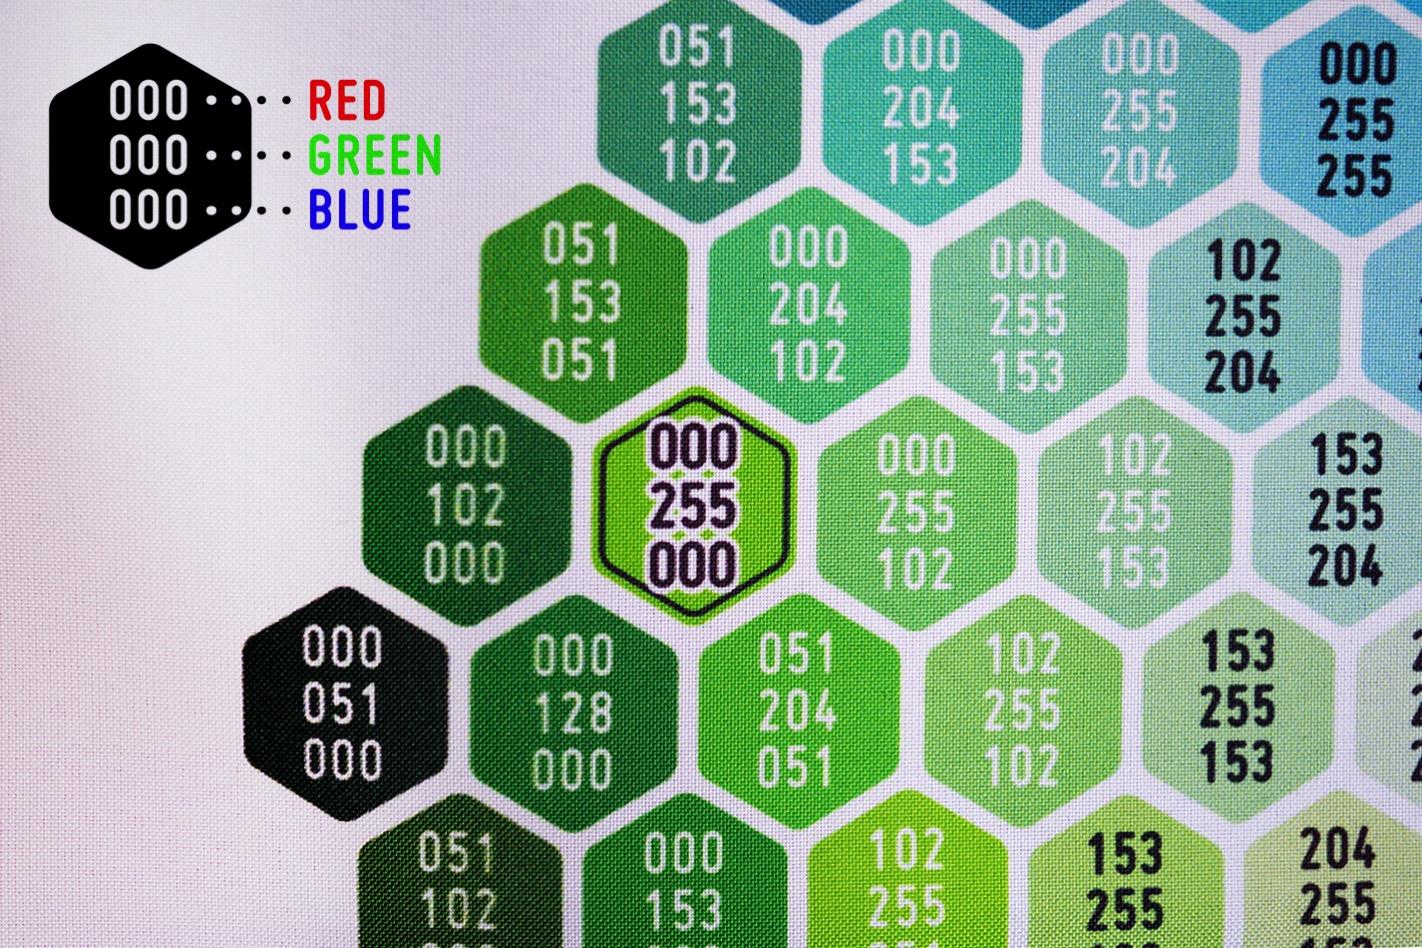 色見本の数値